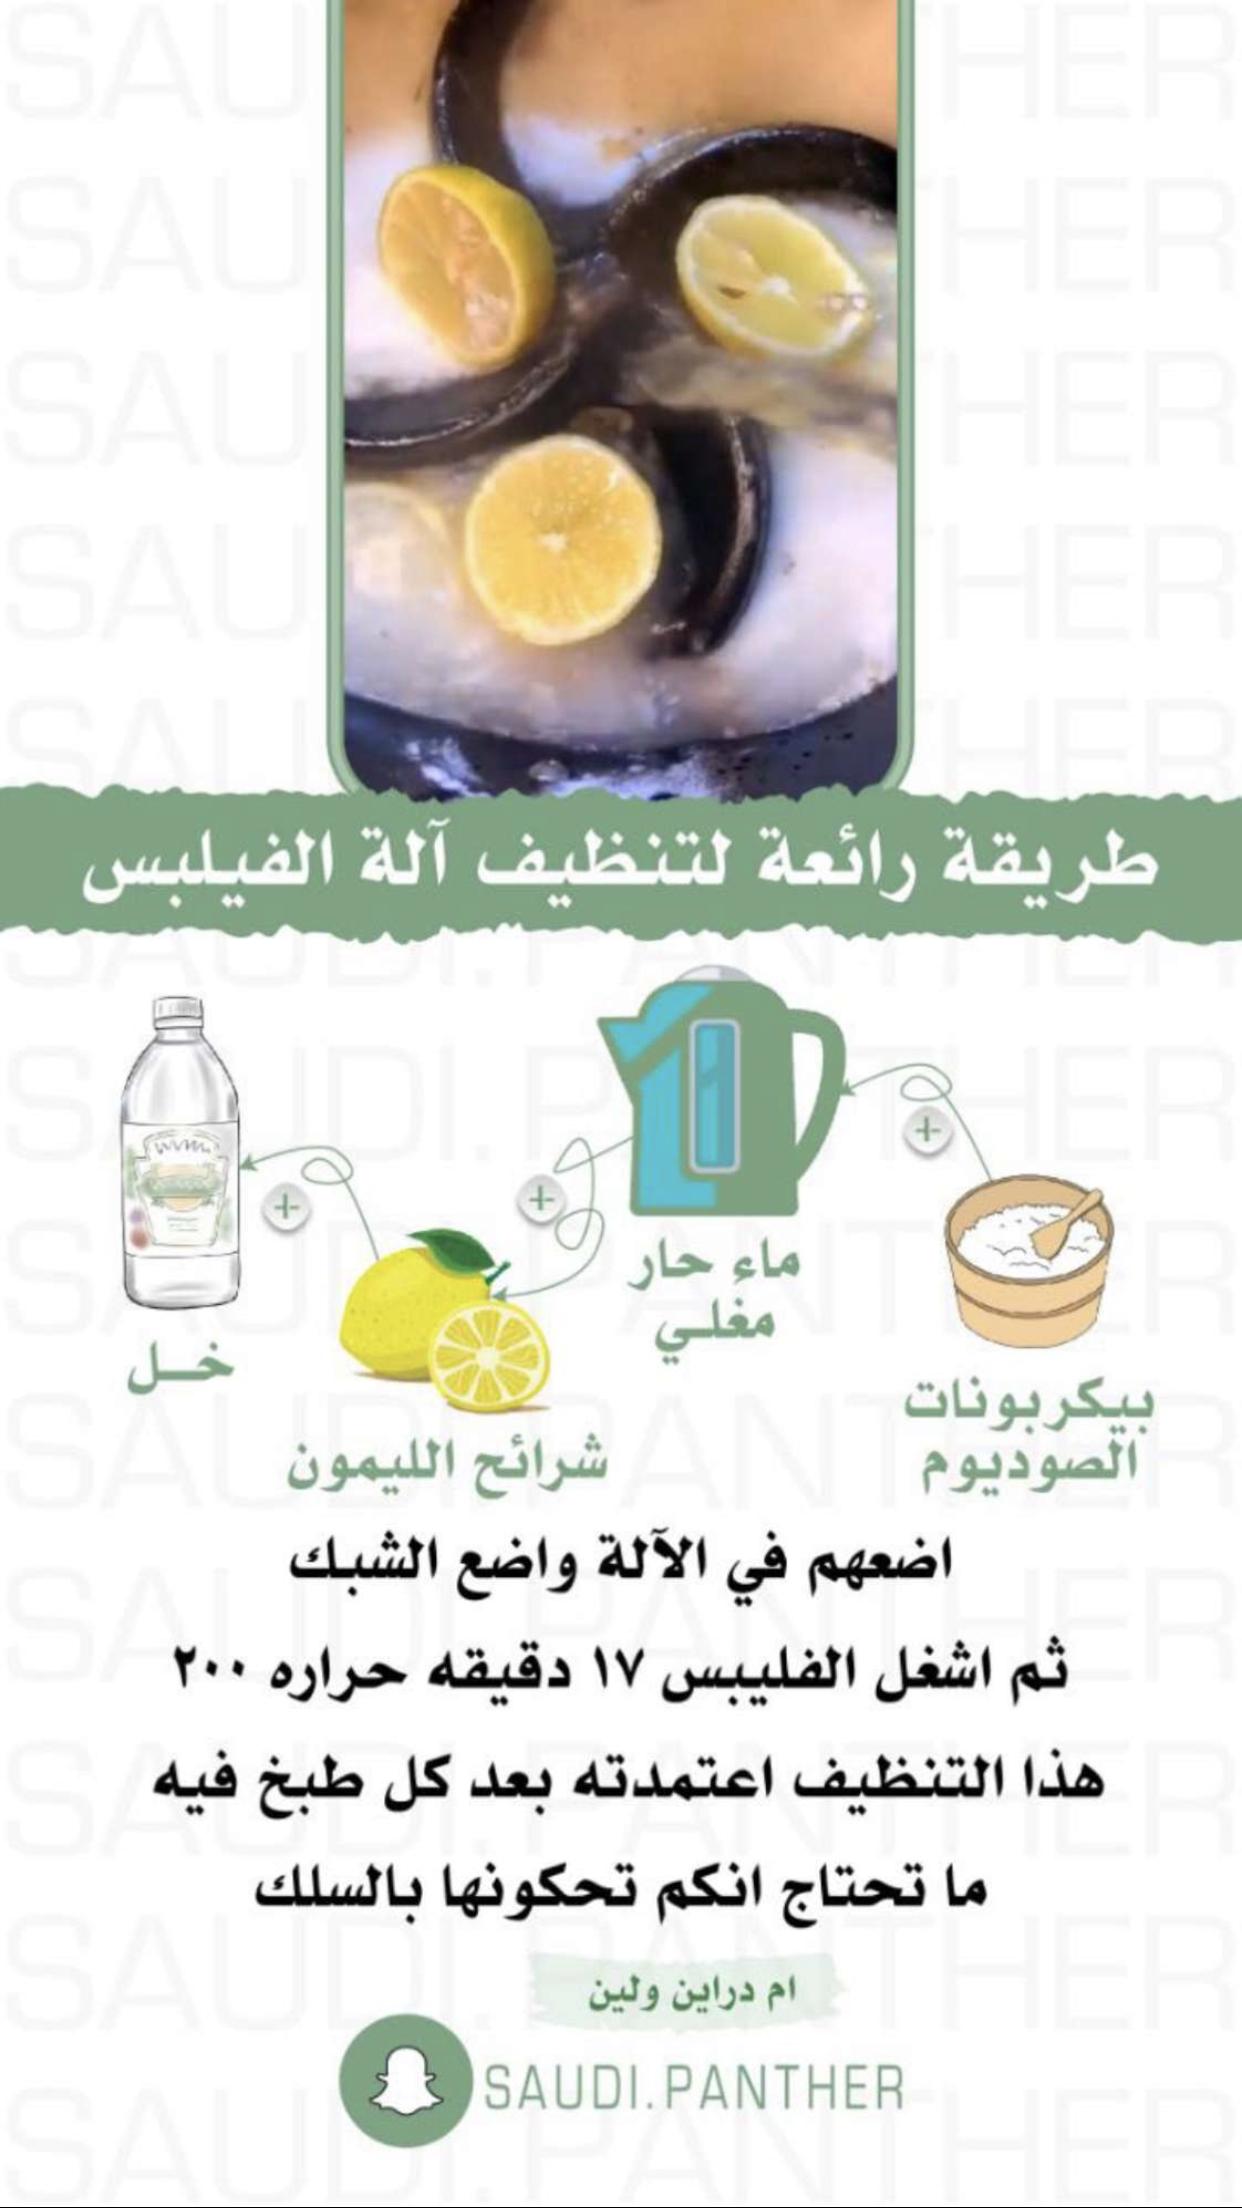 تنظيف القلاية الهوائية Philips فيليبس Cookout Food Diy Cleaning Products Arabic Food